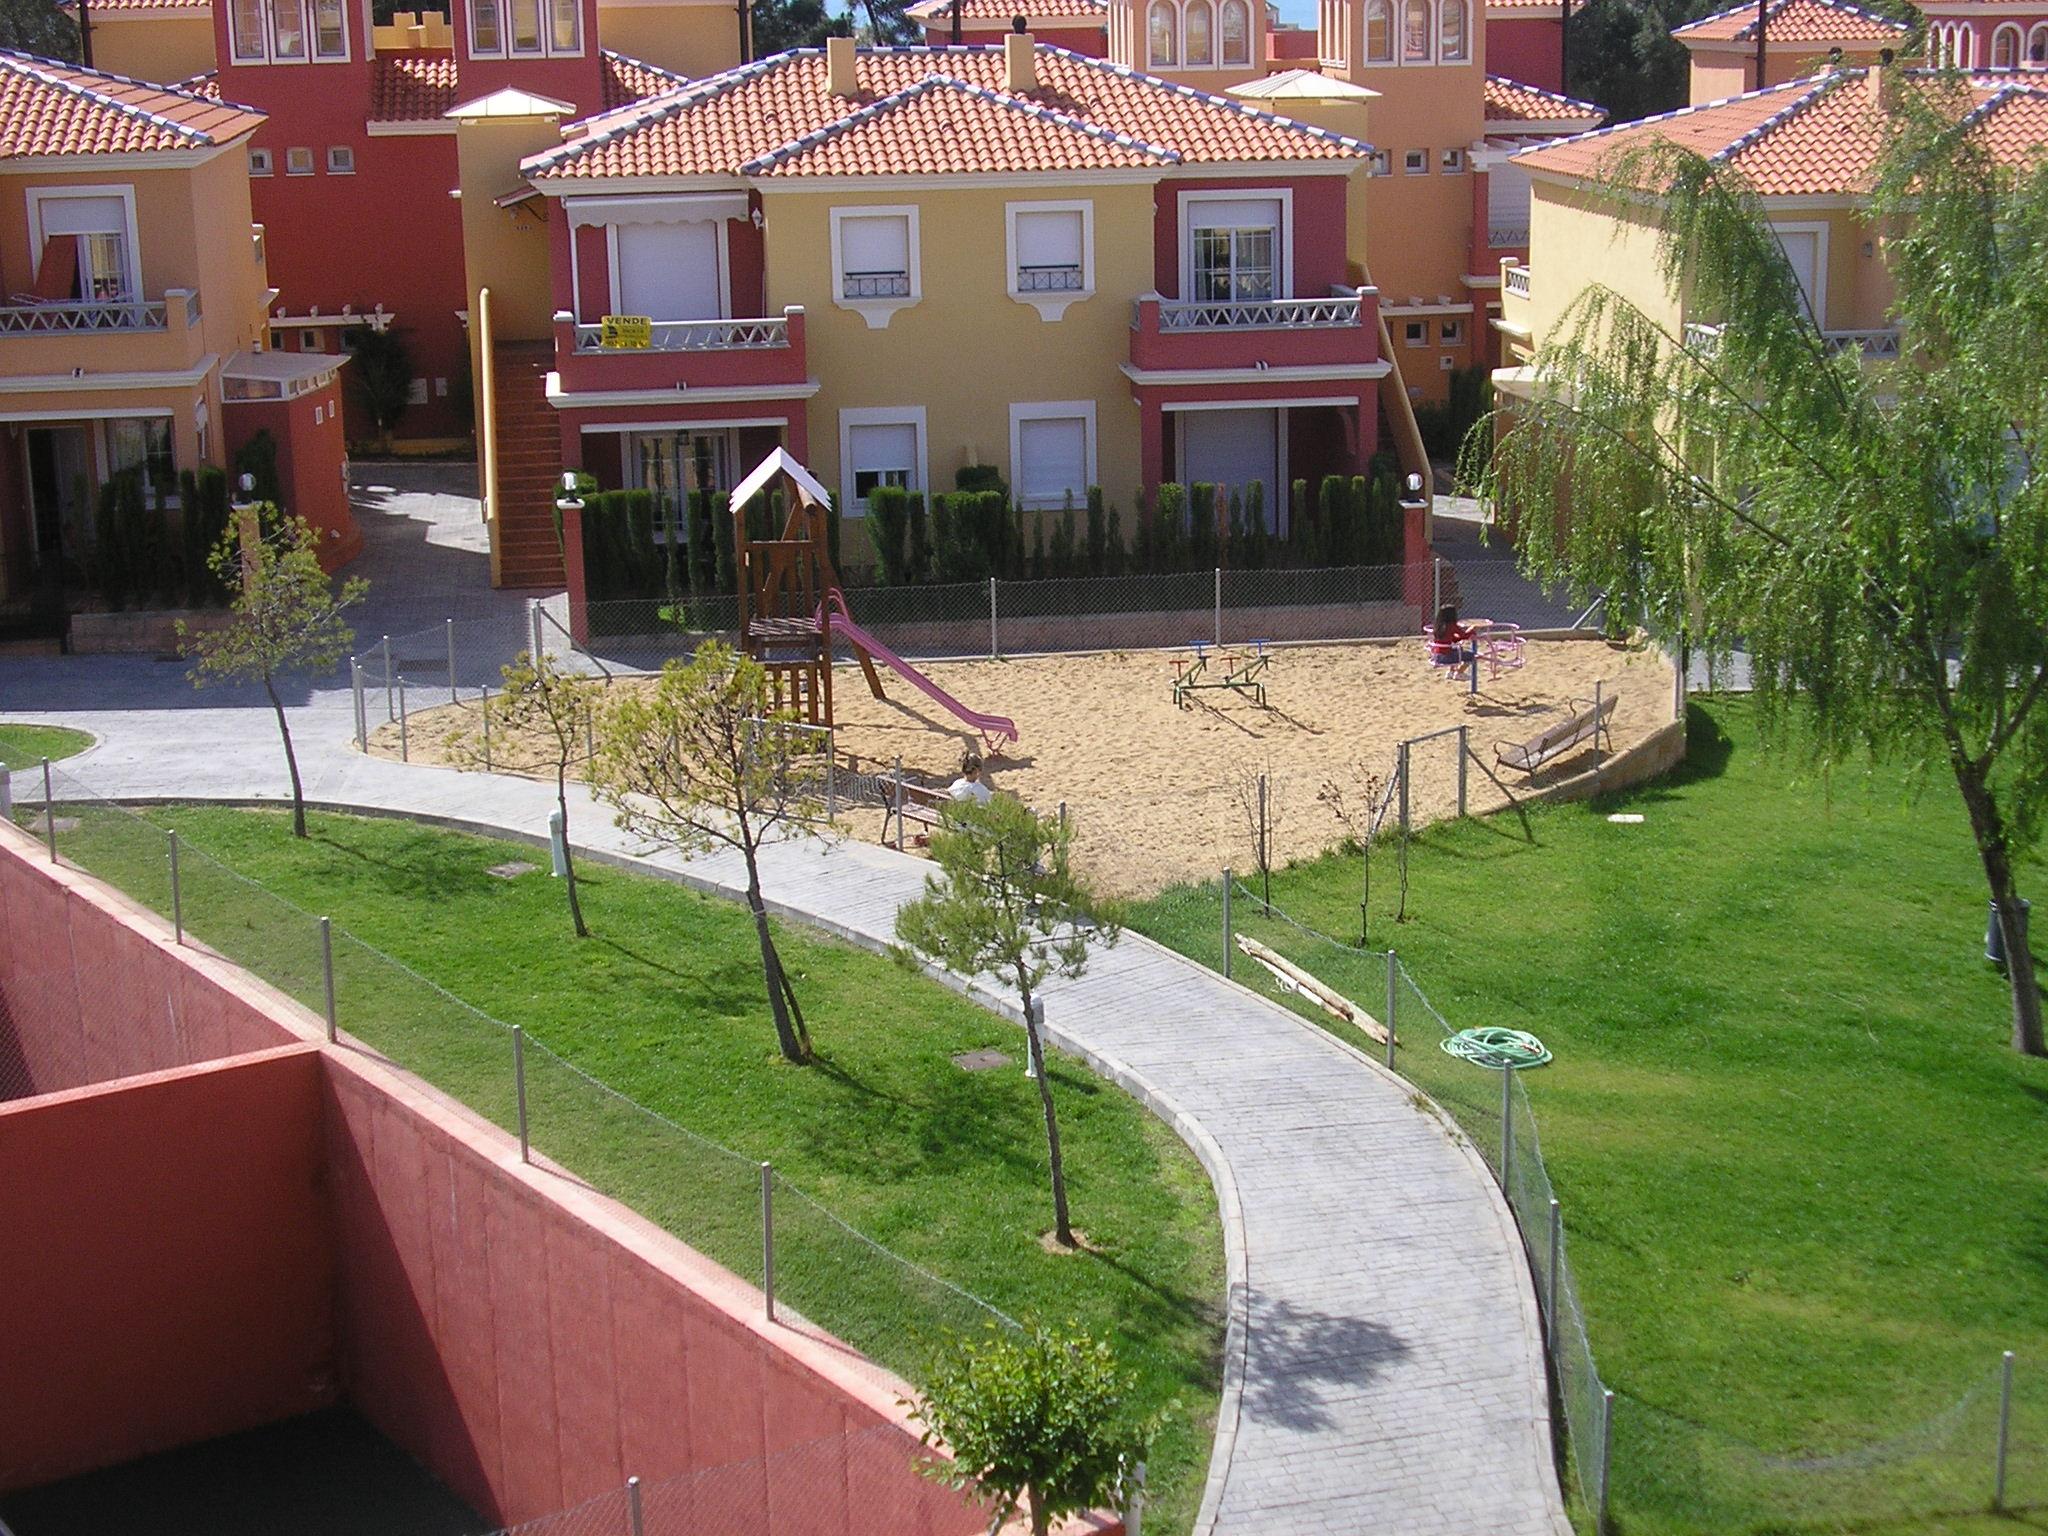 Alquiler En Urb Lomas 2 Islantilla Vft Hu 00183 Deptos En Complejo Residencial En Renta En Lepe Andalucía España